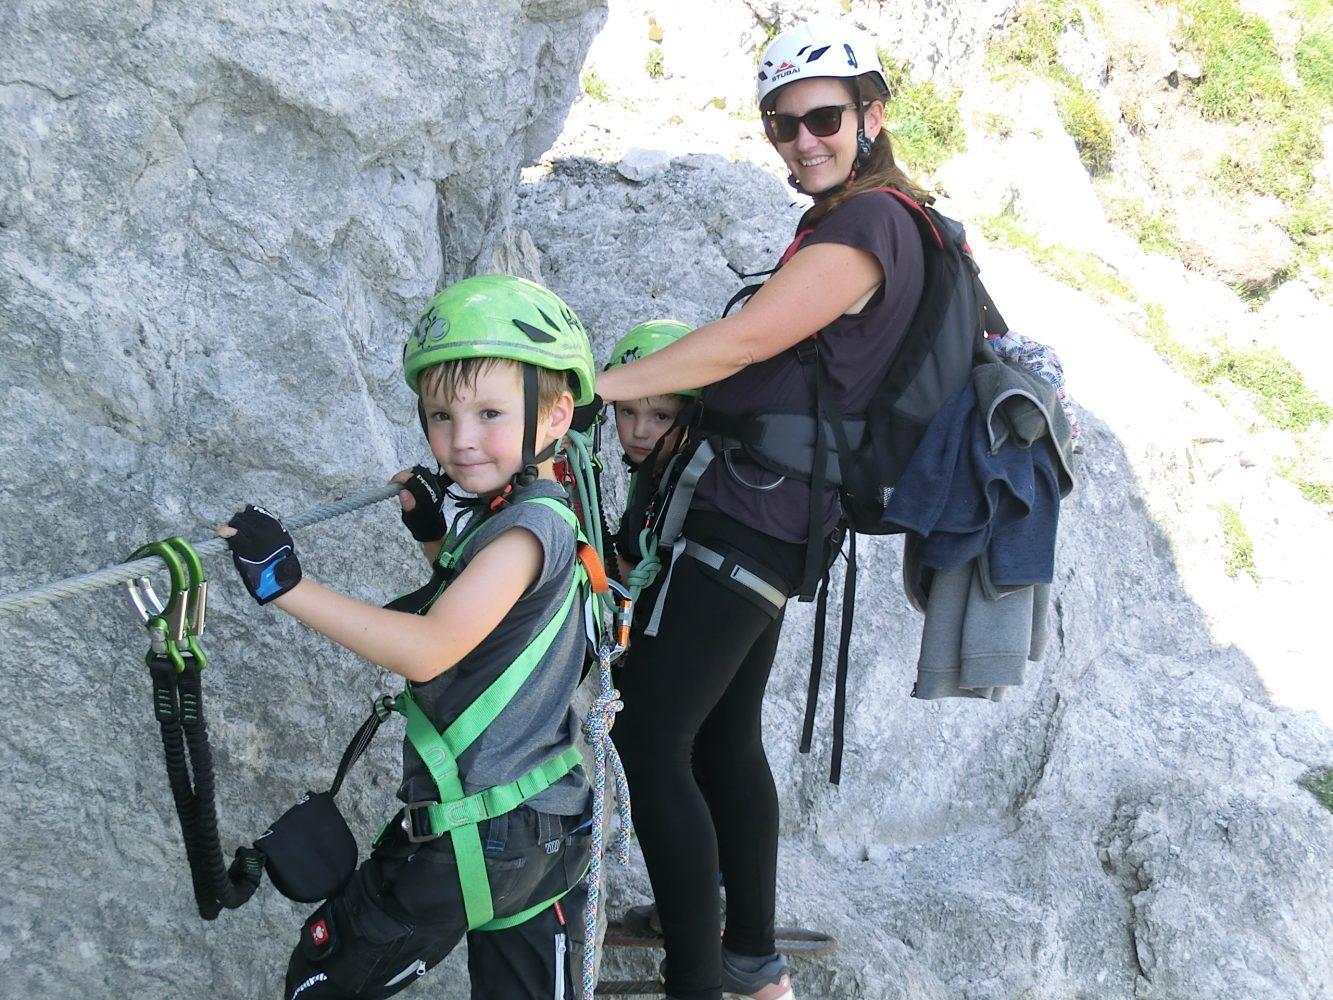 schöner Klettersteig - das packen wir